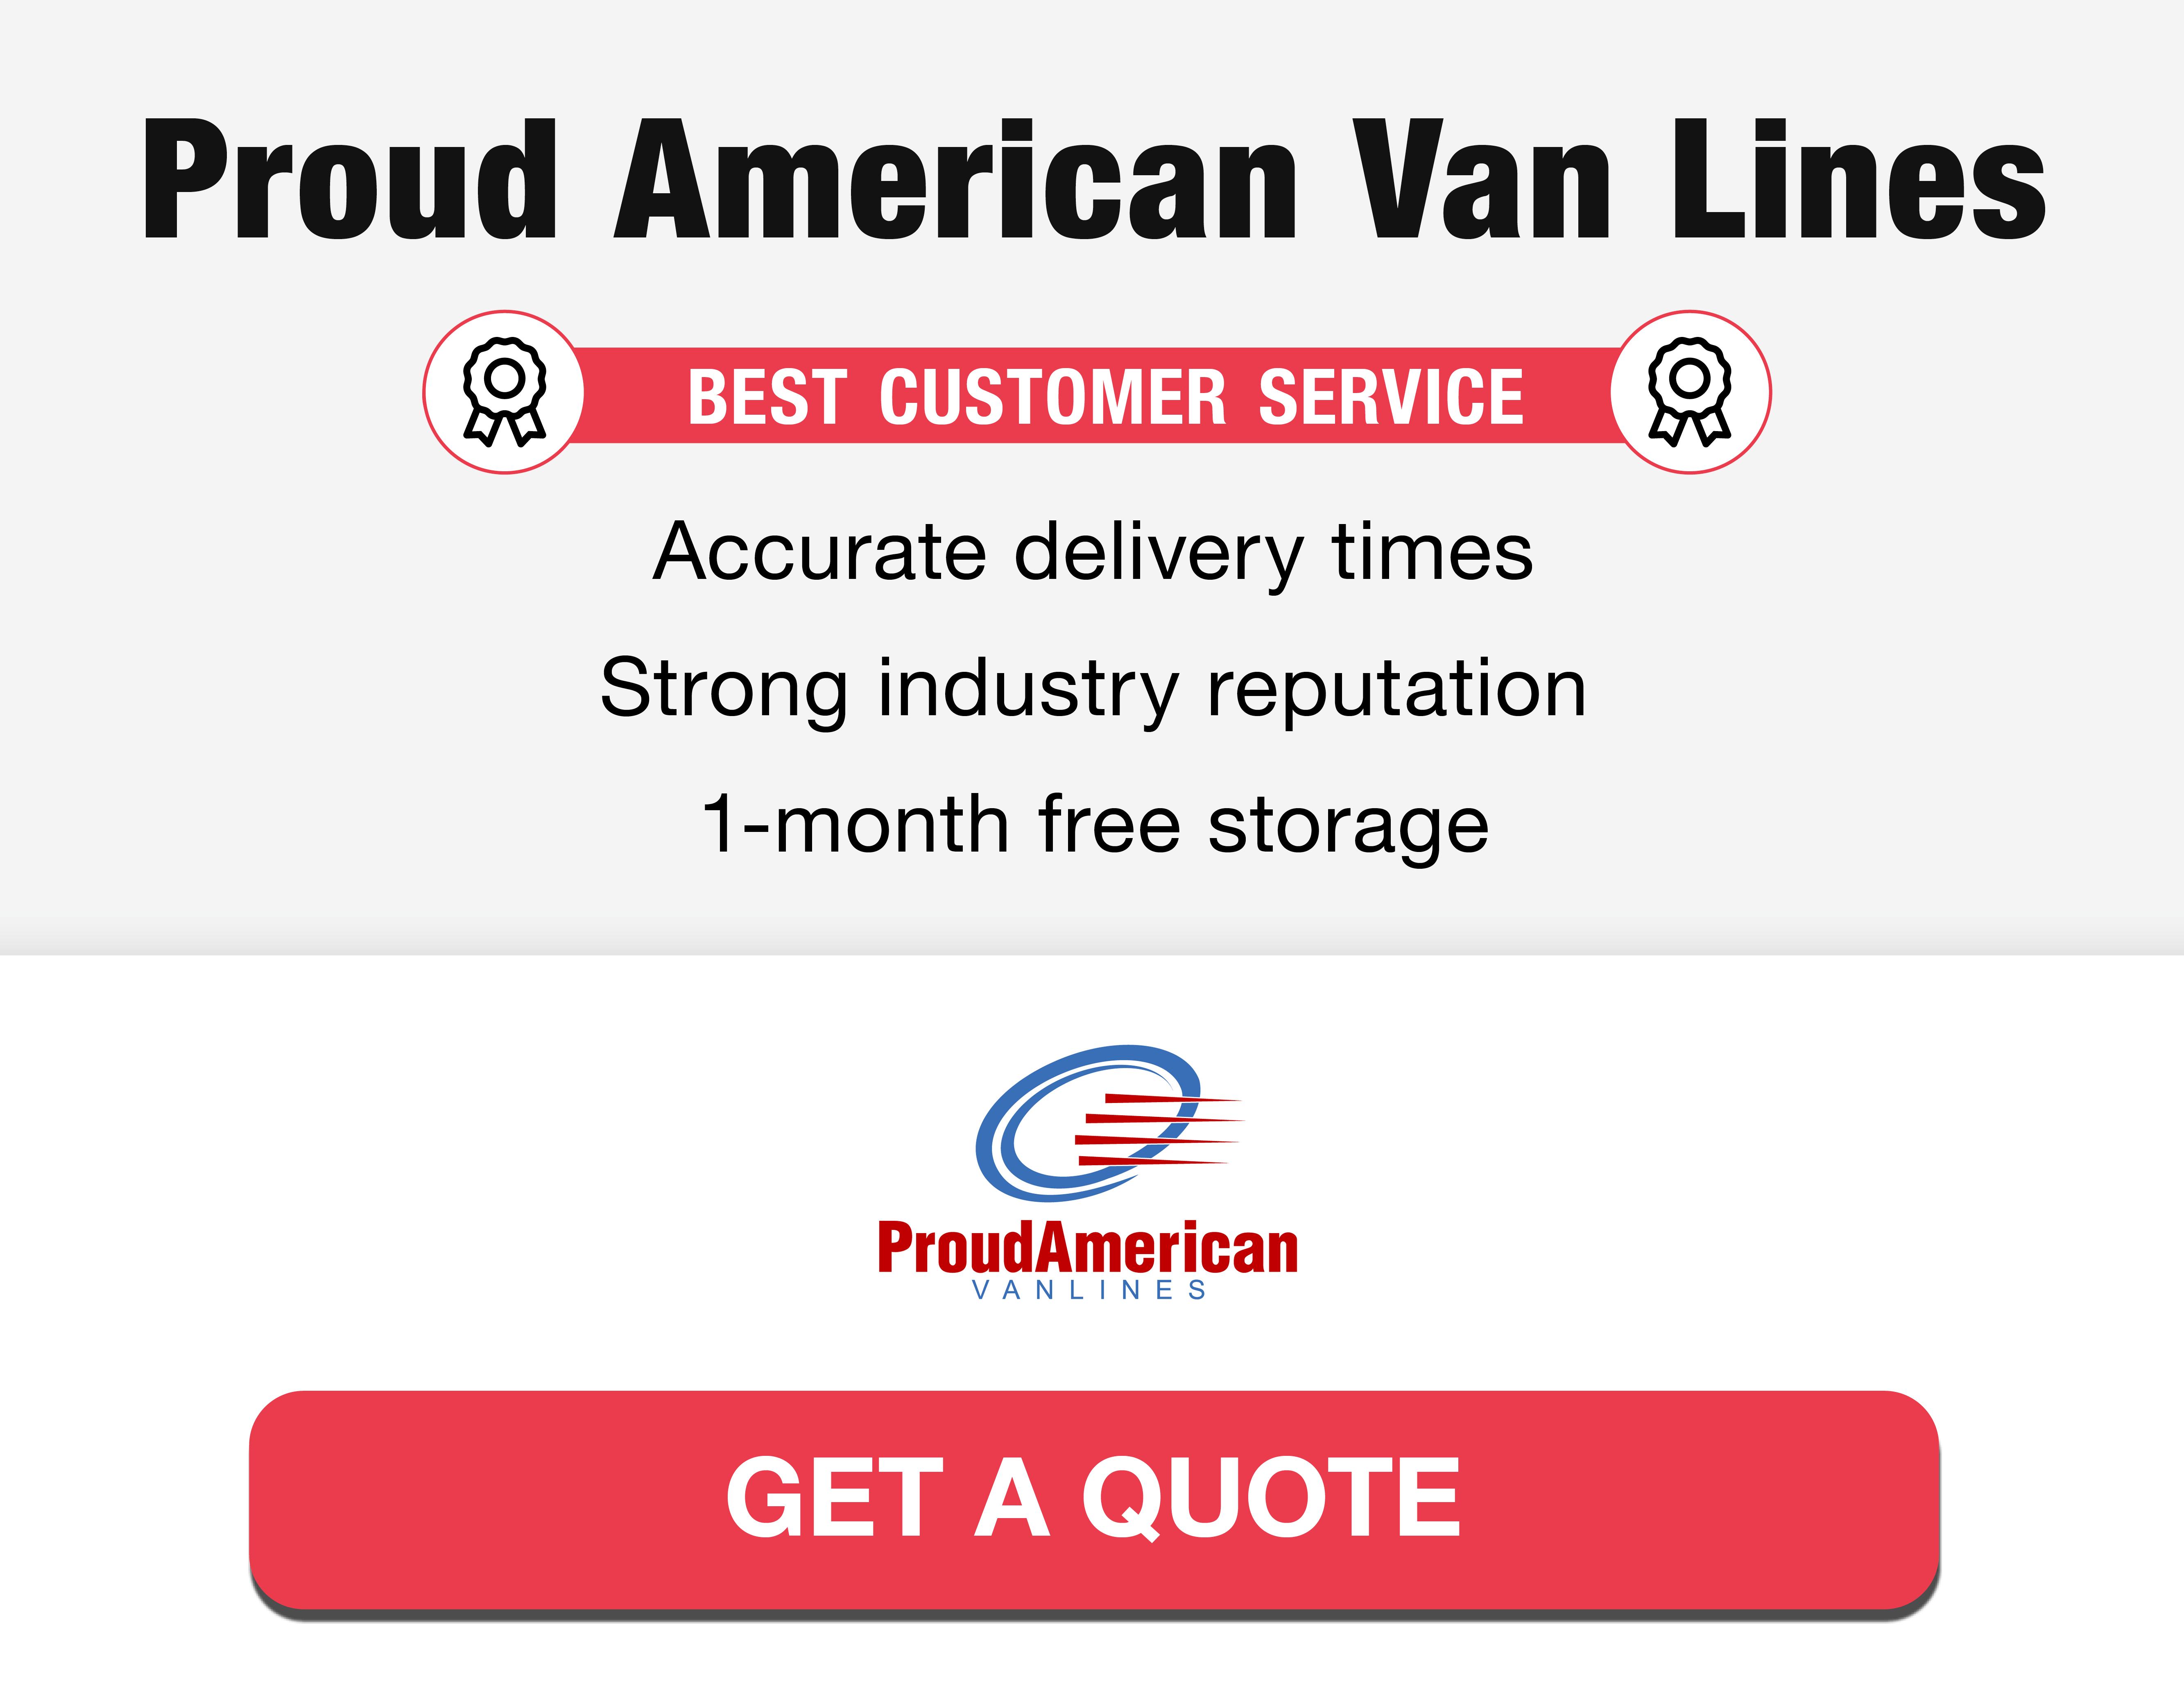 Proud American Van Lines